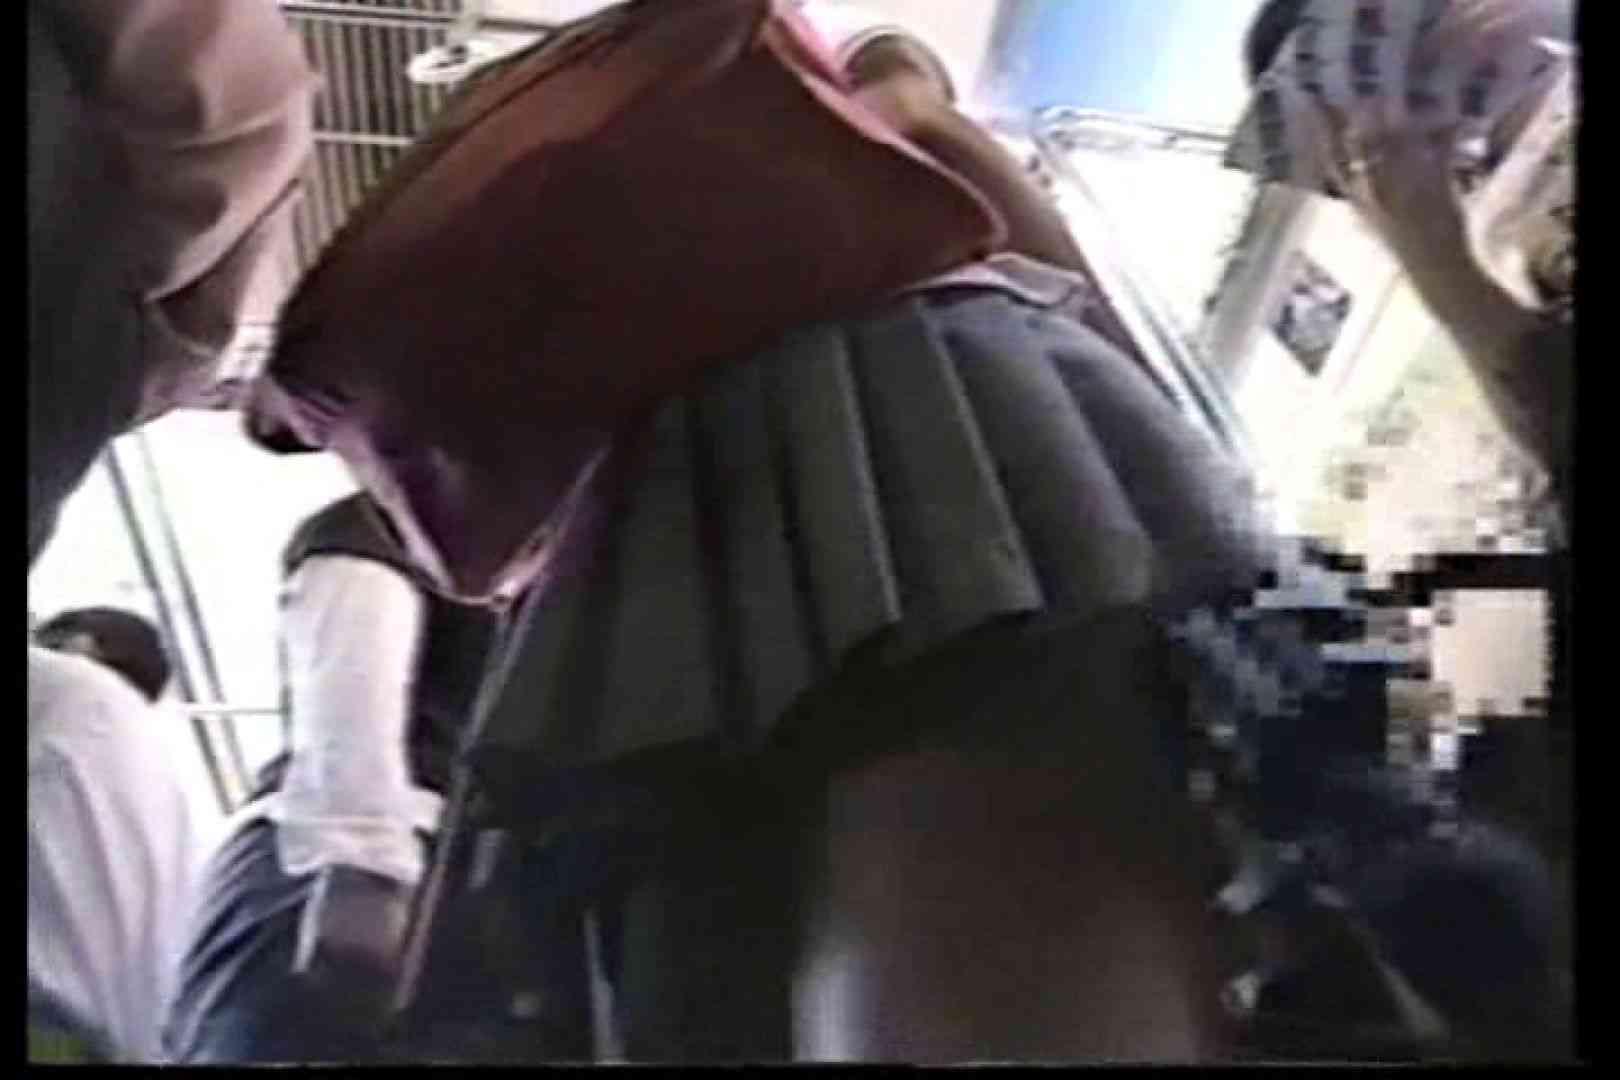 女子大生 夏服に替えれば下着も替わる モッコリを目で感触 TK-77 車でエッチ 盗み撮り動画キャプチャ 67PIX 23